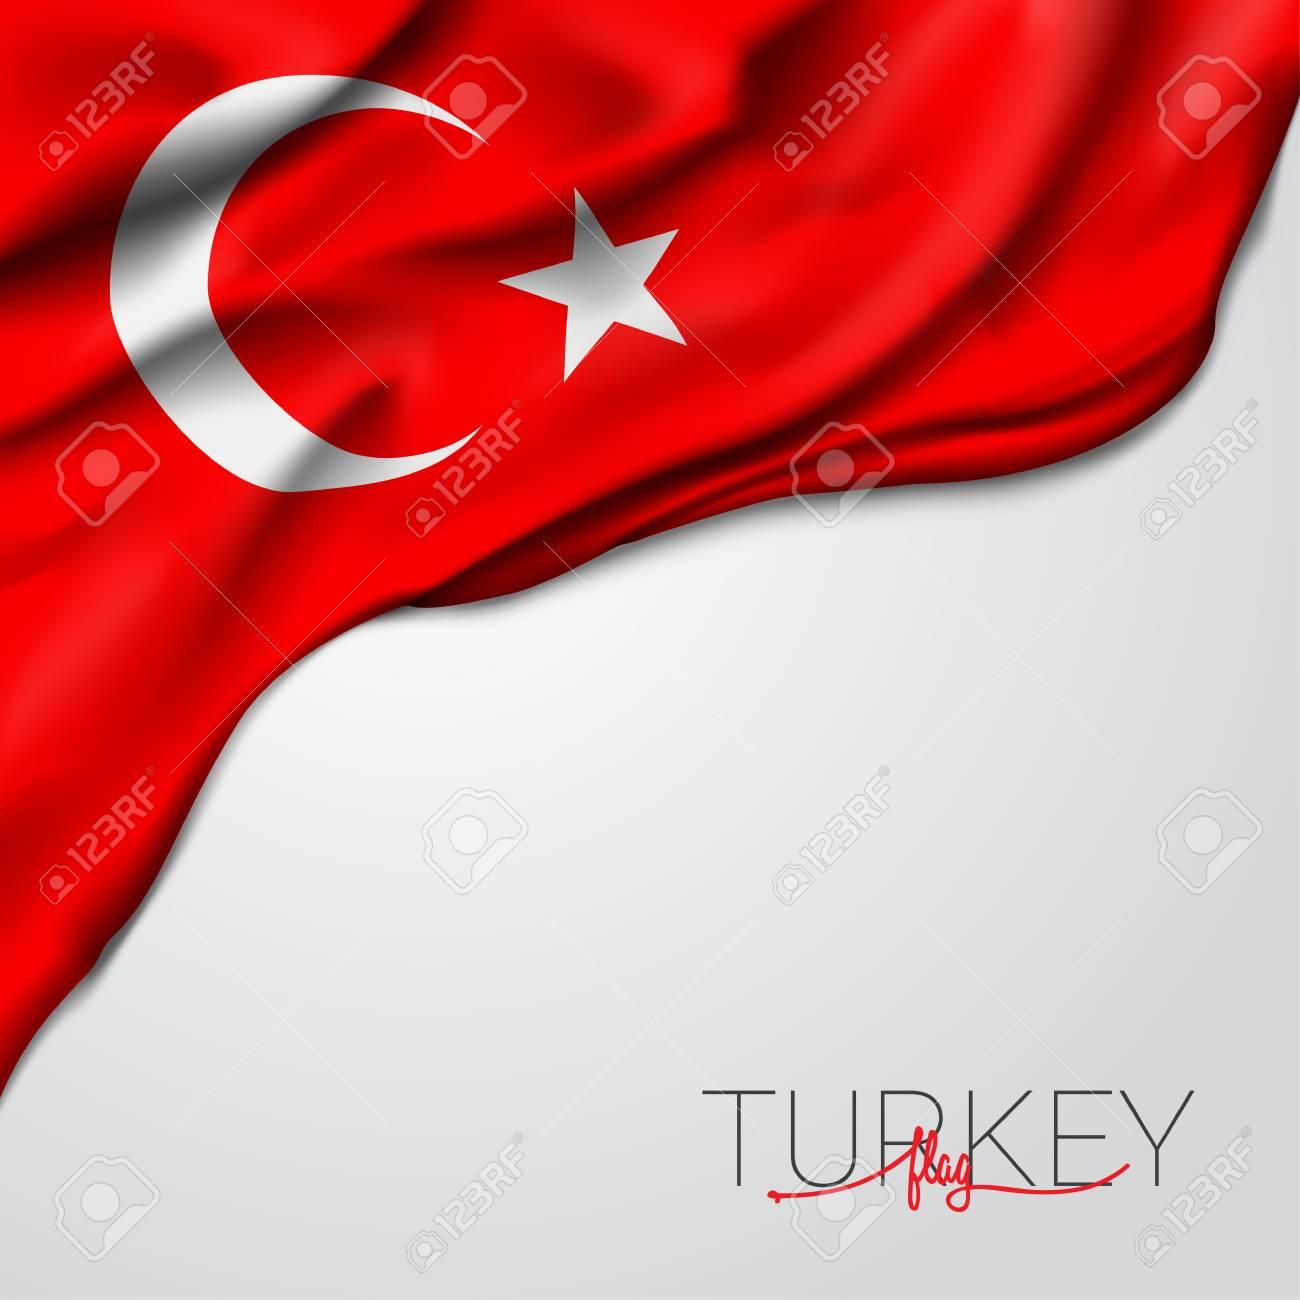 Turkey waving flag vector illustration - 120643782